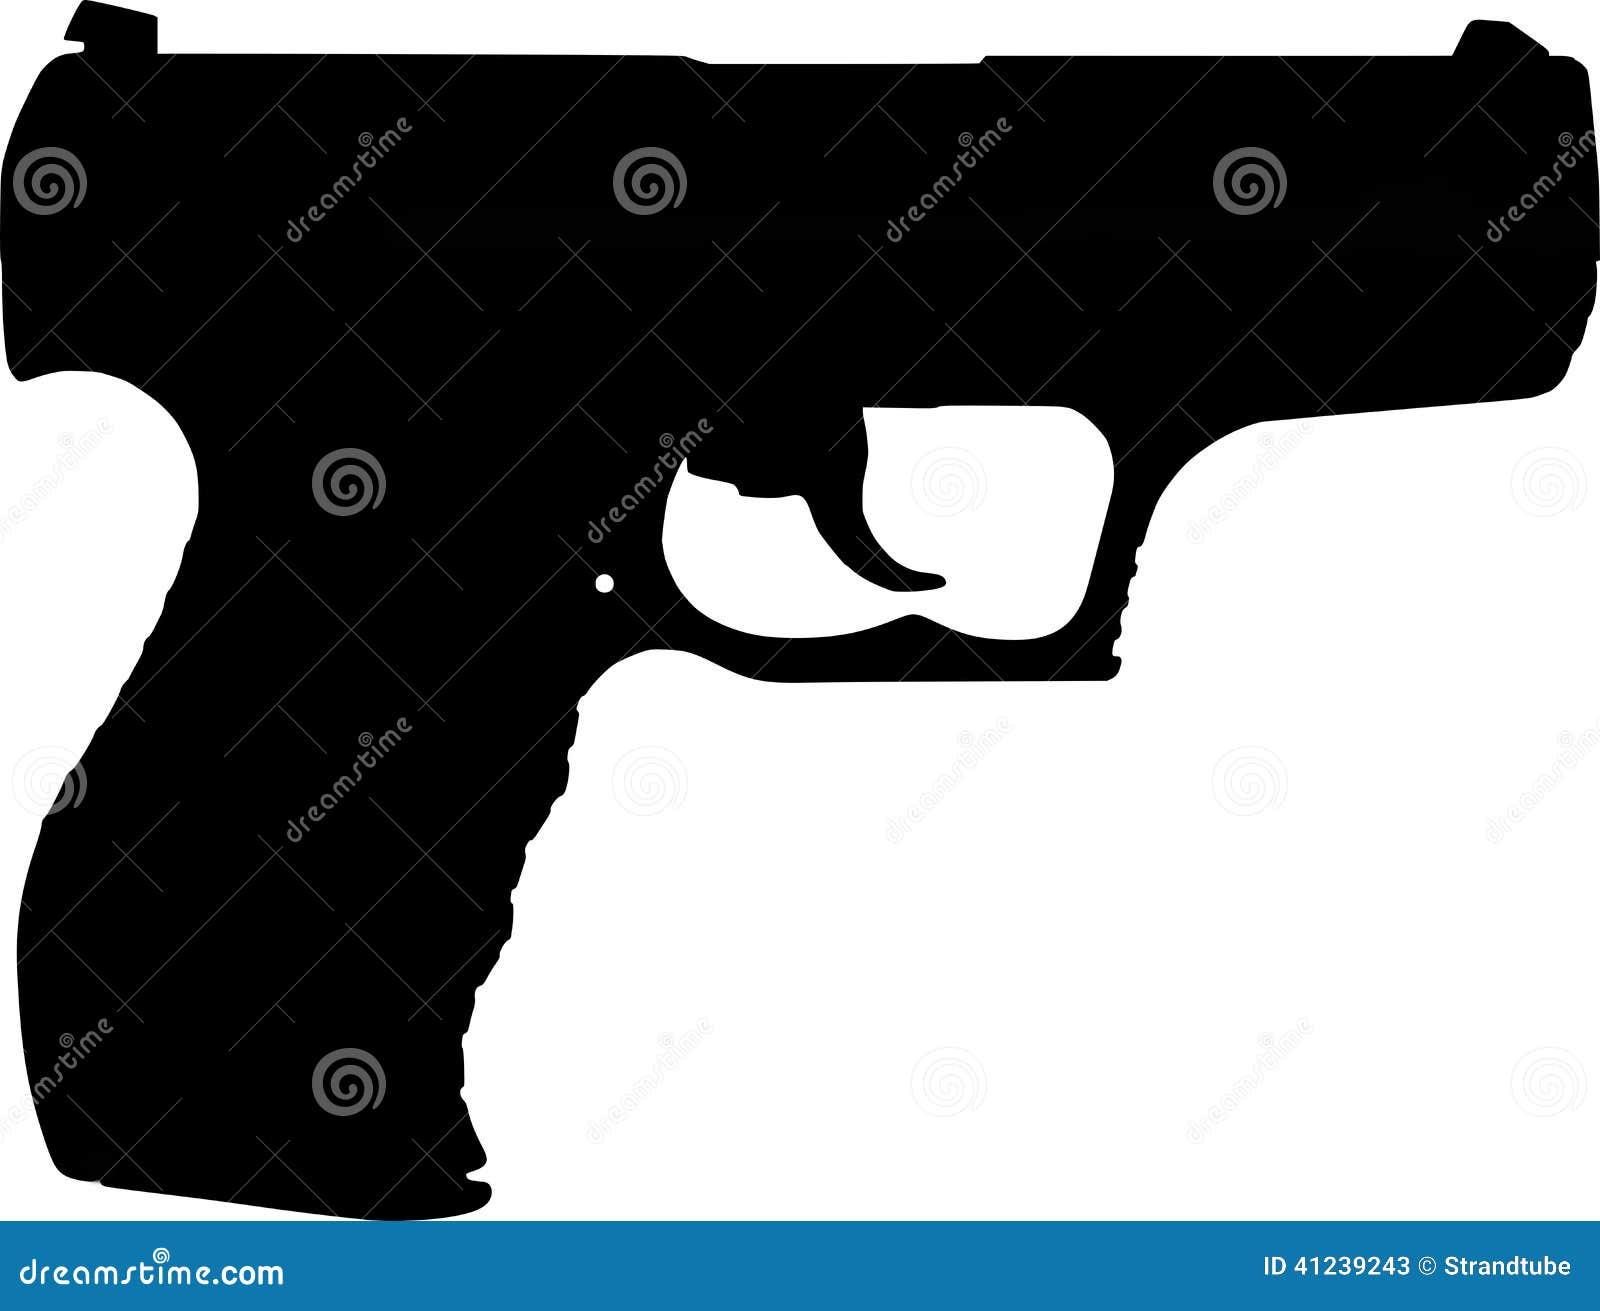 Line Art Gun : Gun silhouette stock illustration image of hunter